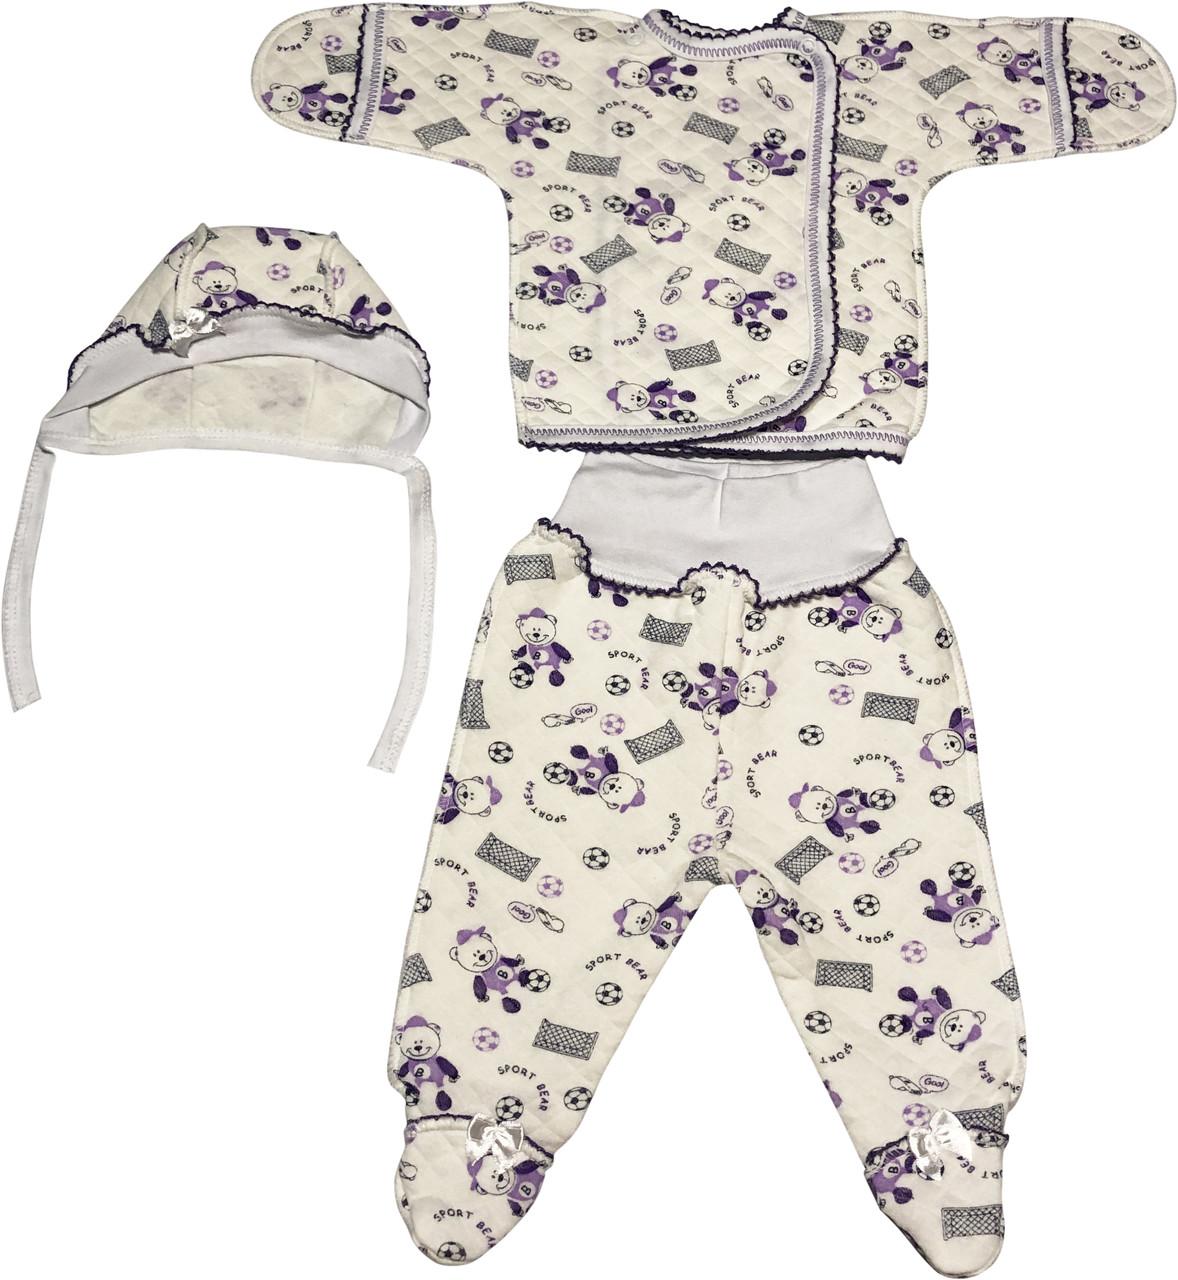 Детский костюм рост 56 0-2 мес трикотажный капитон молочный костюмчик на мальчика девочку комплект для новорожденных малышей С316